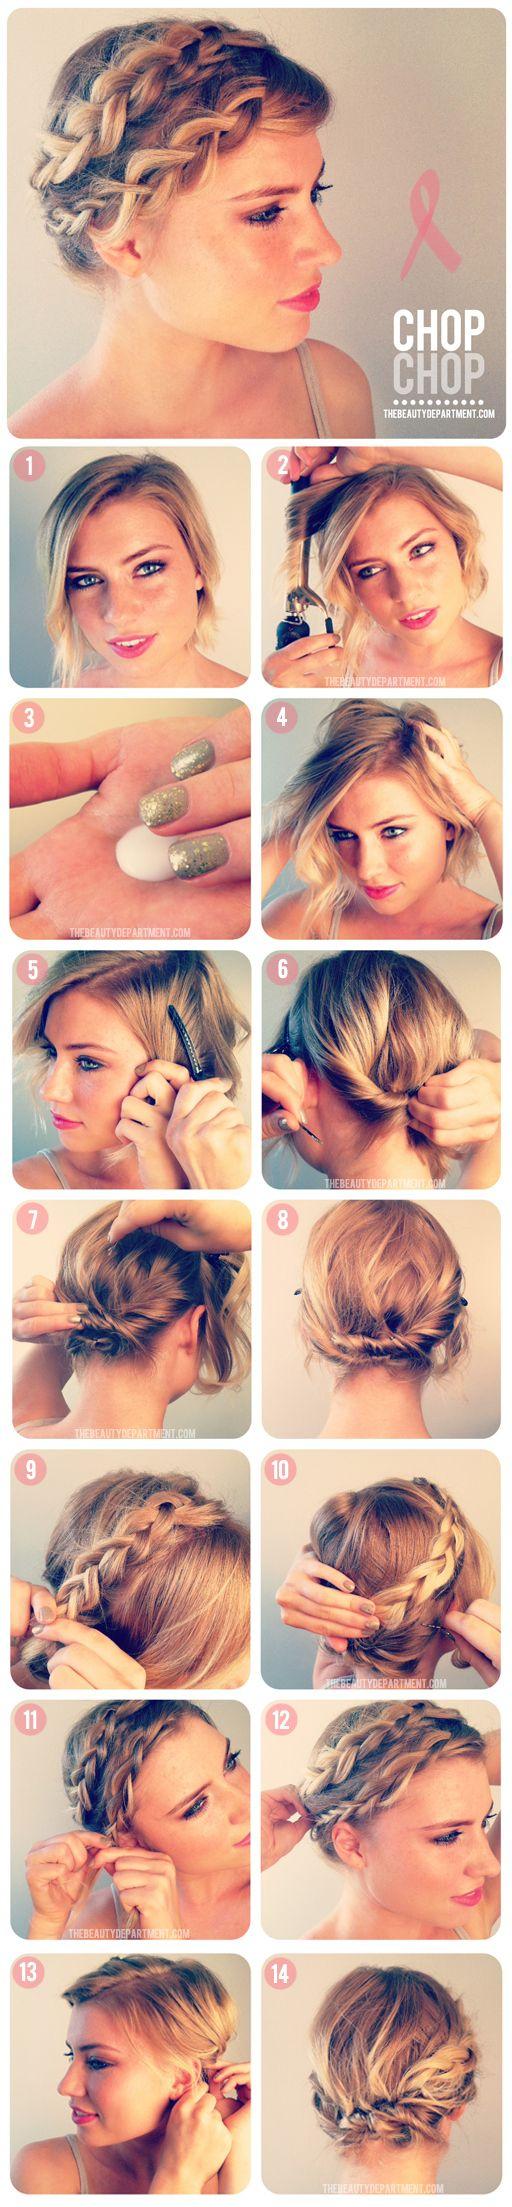 Astuce Beauté en Image - forum maquillage